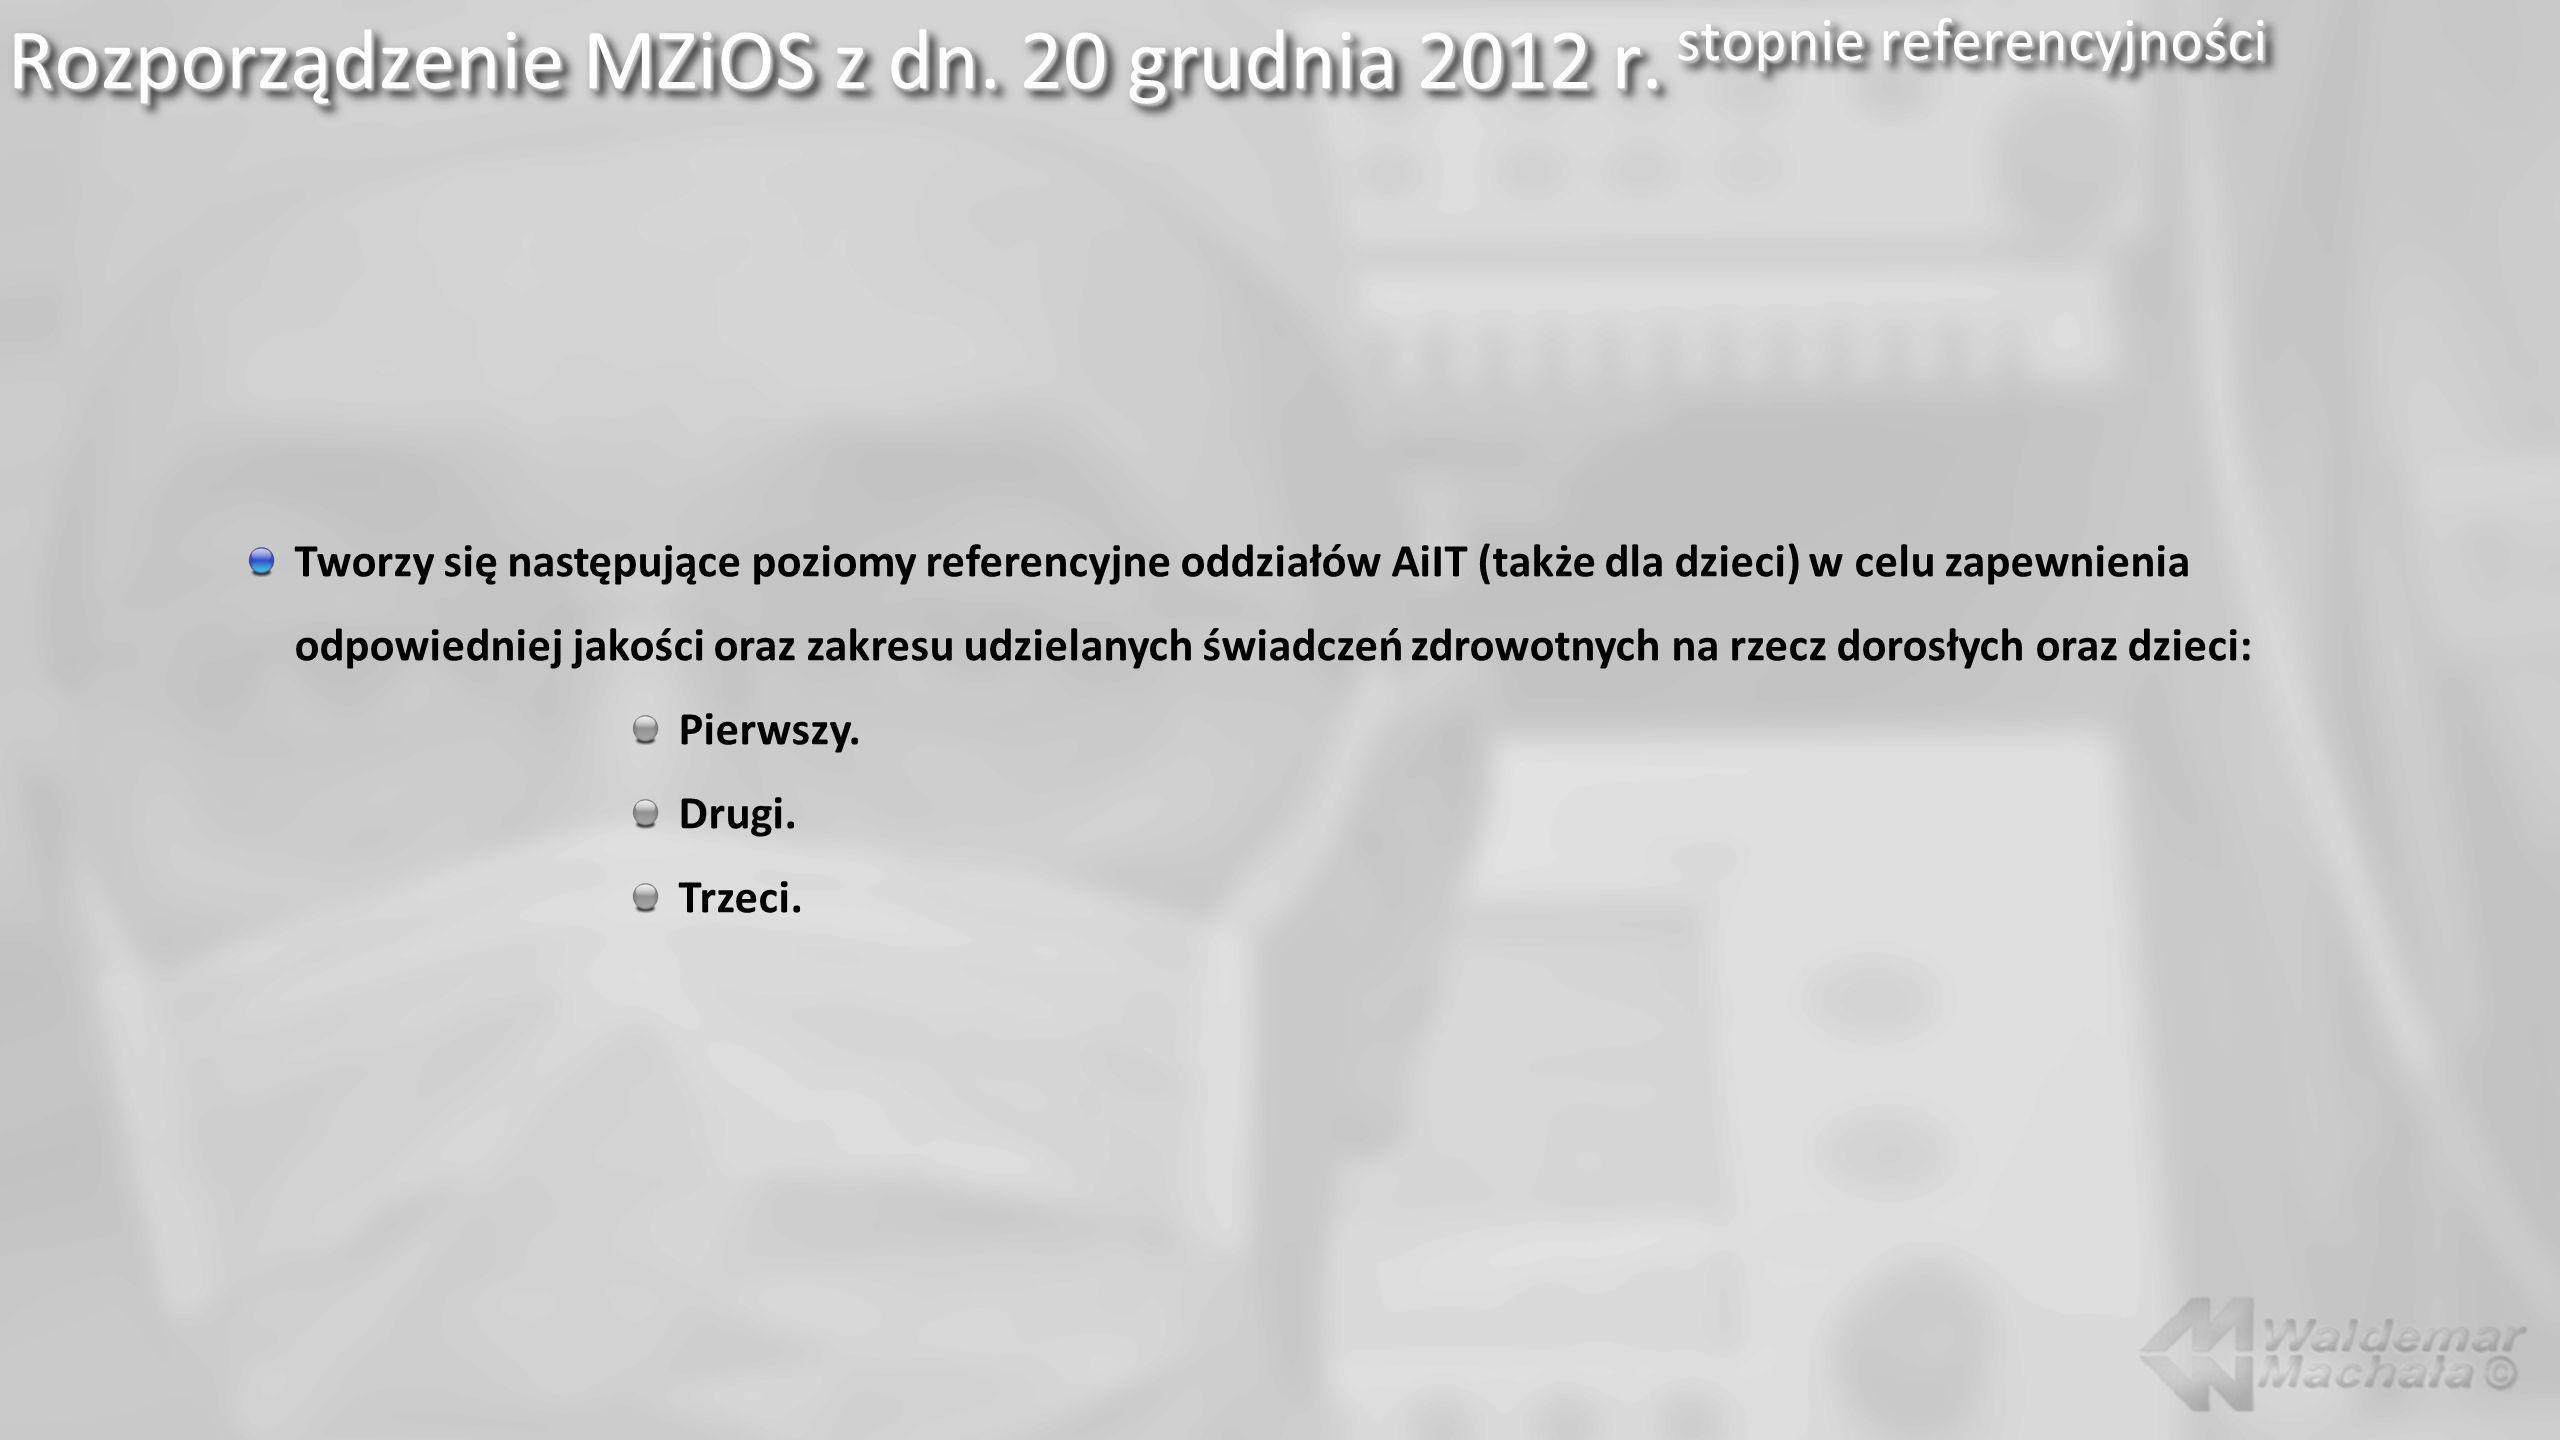 Rozporządzenie MZiOS z dn. 20 grudnia 2012 r. stopnie referencyjności Tworzy się następujące poziomy referencyjne oddziałów AiIT (także dla dzieci) w